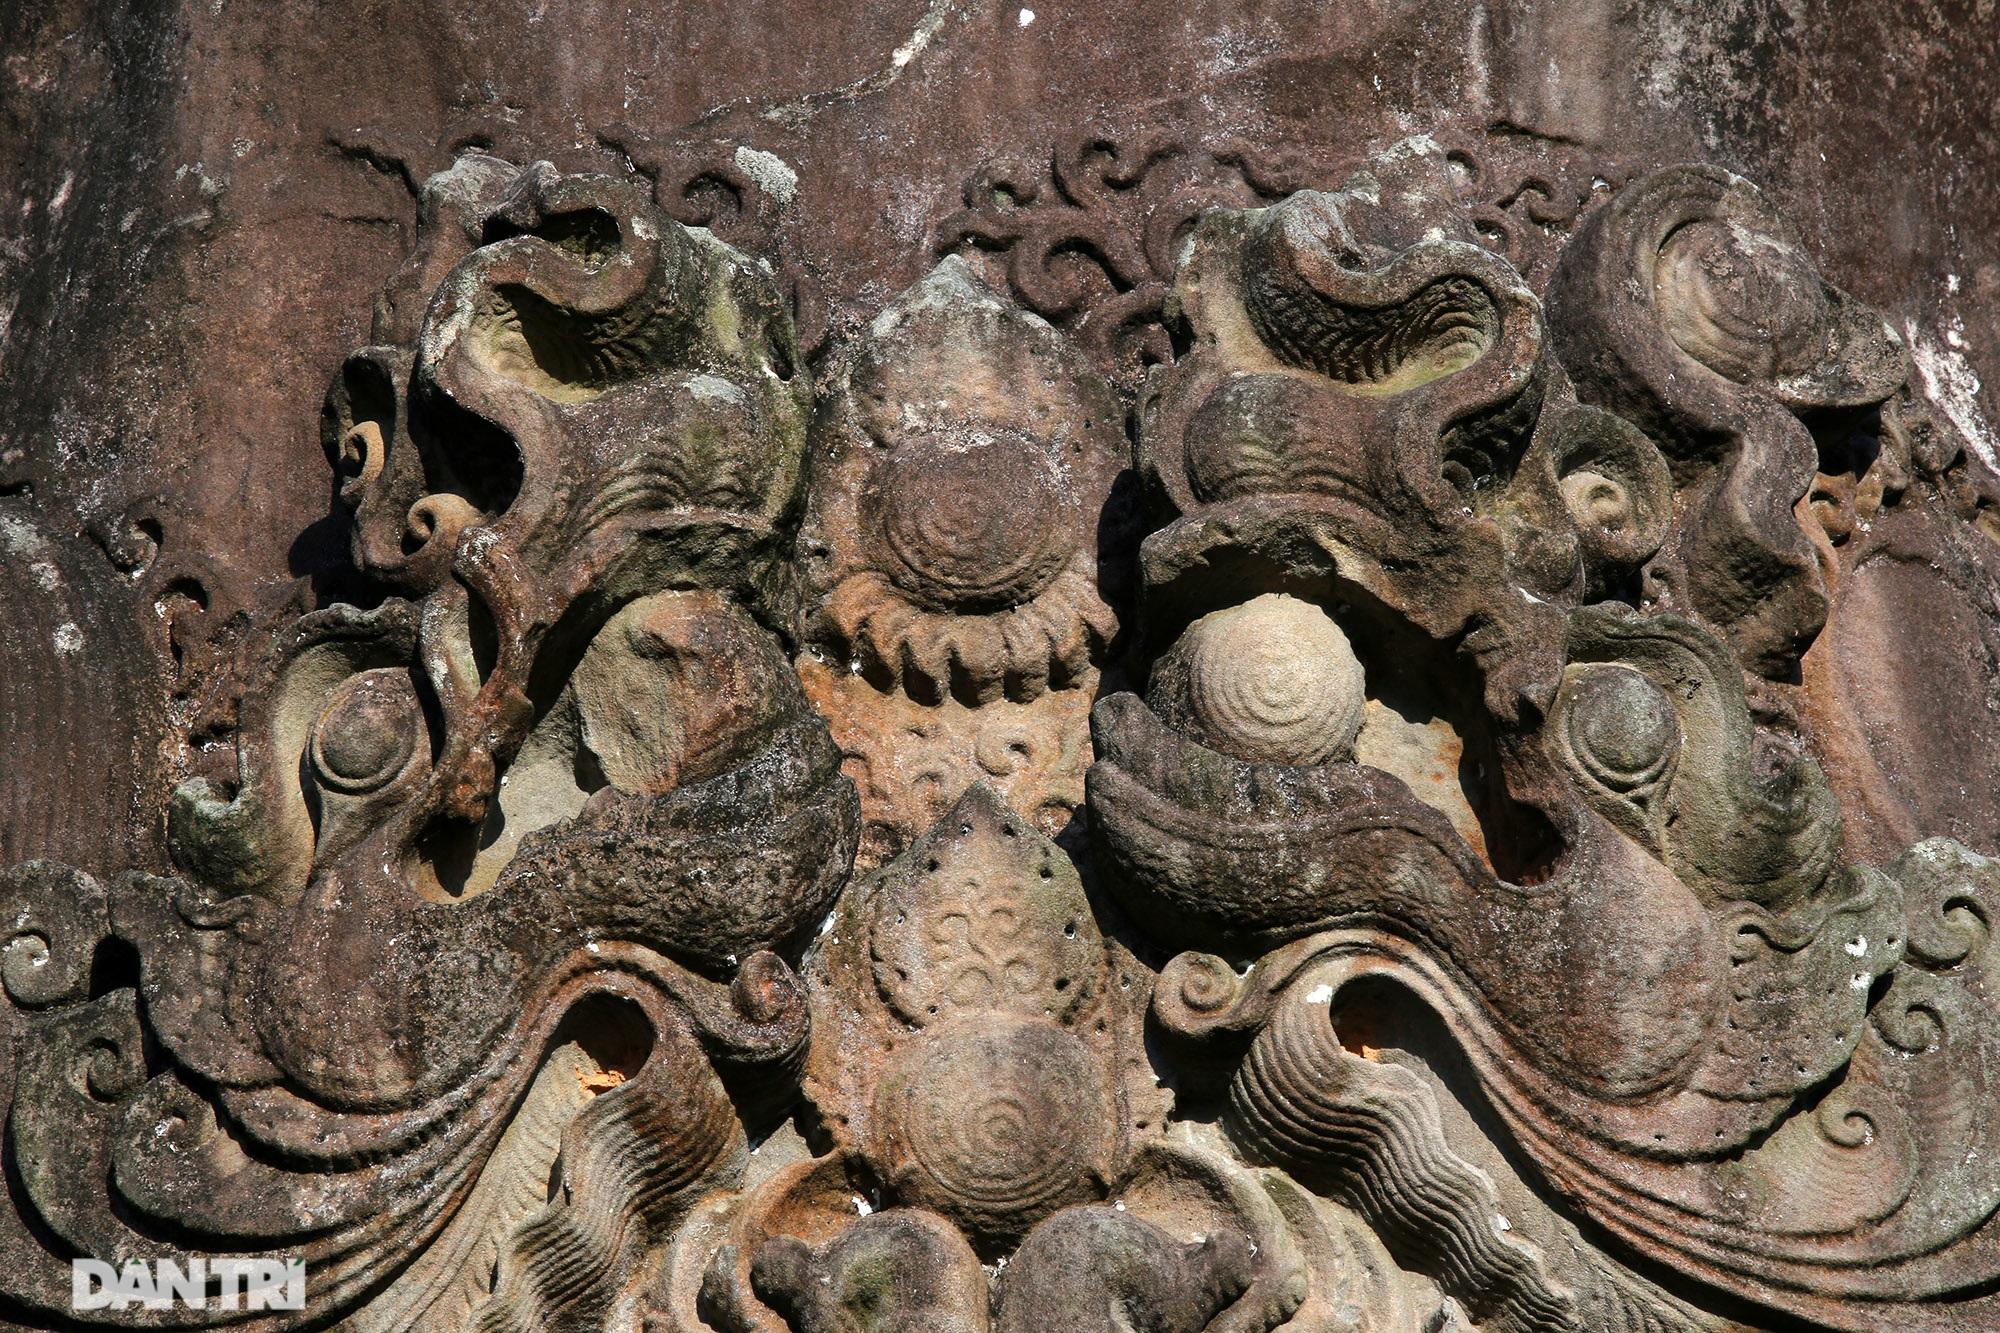 Bí ẩn cột đá nghìn năm tuổi bên sườn núi Đại Lãm, Bắc Ninh - 5